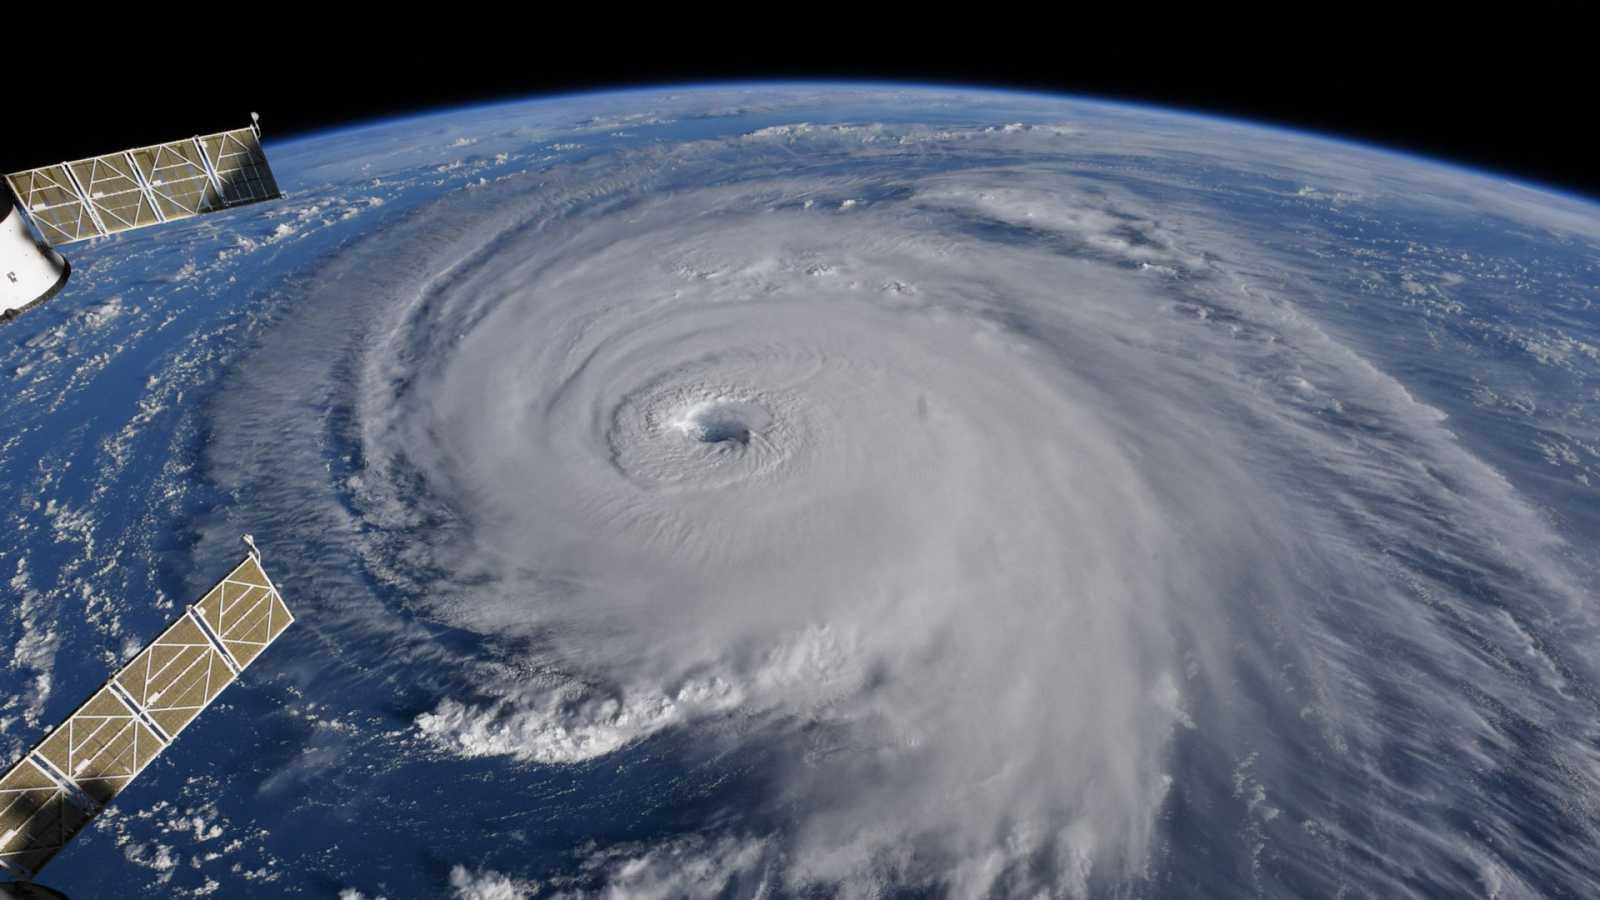 El gallo que no cesa - El rincón del caos: ¿Por qué son importantes los huracanes? - Escuchar ahora